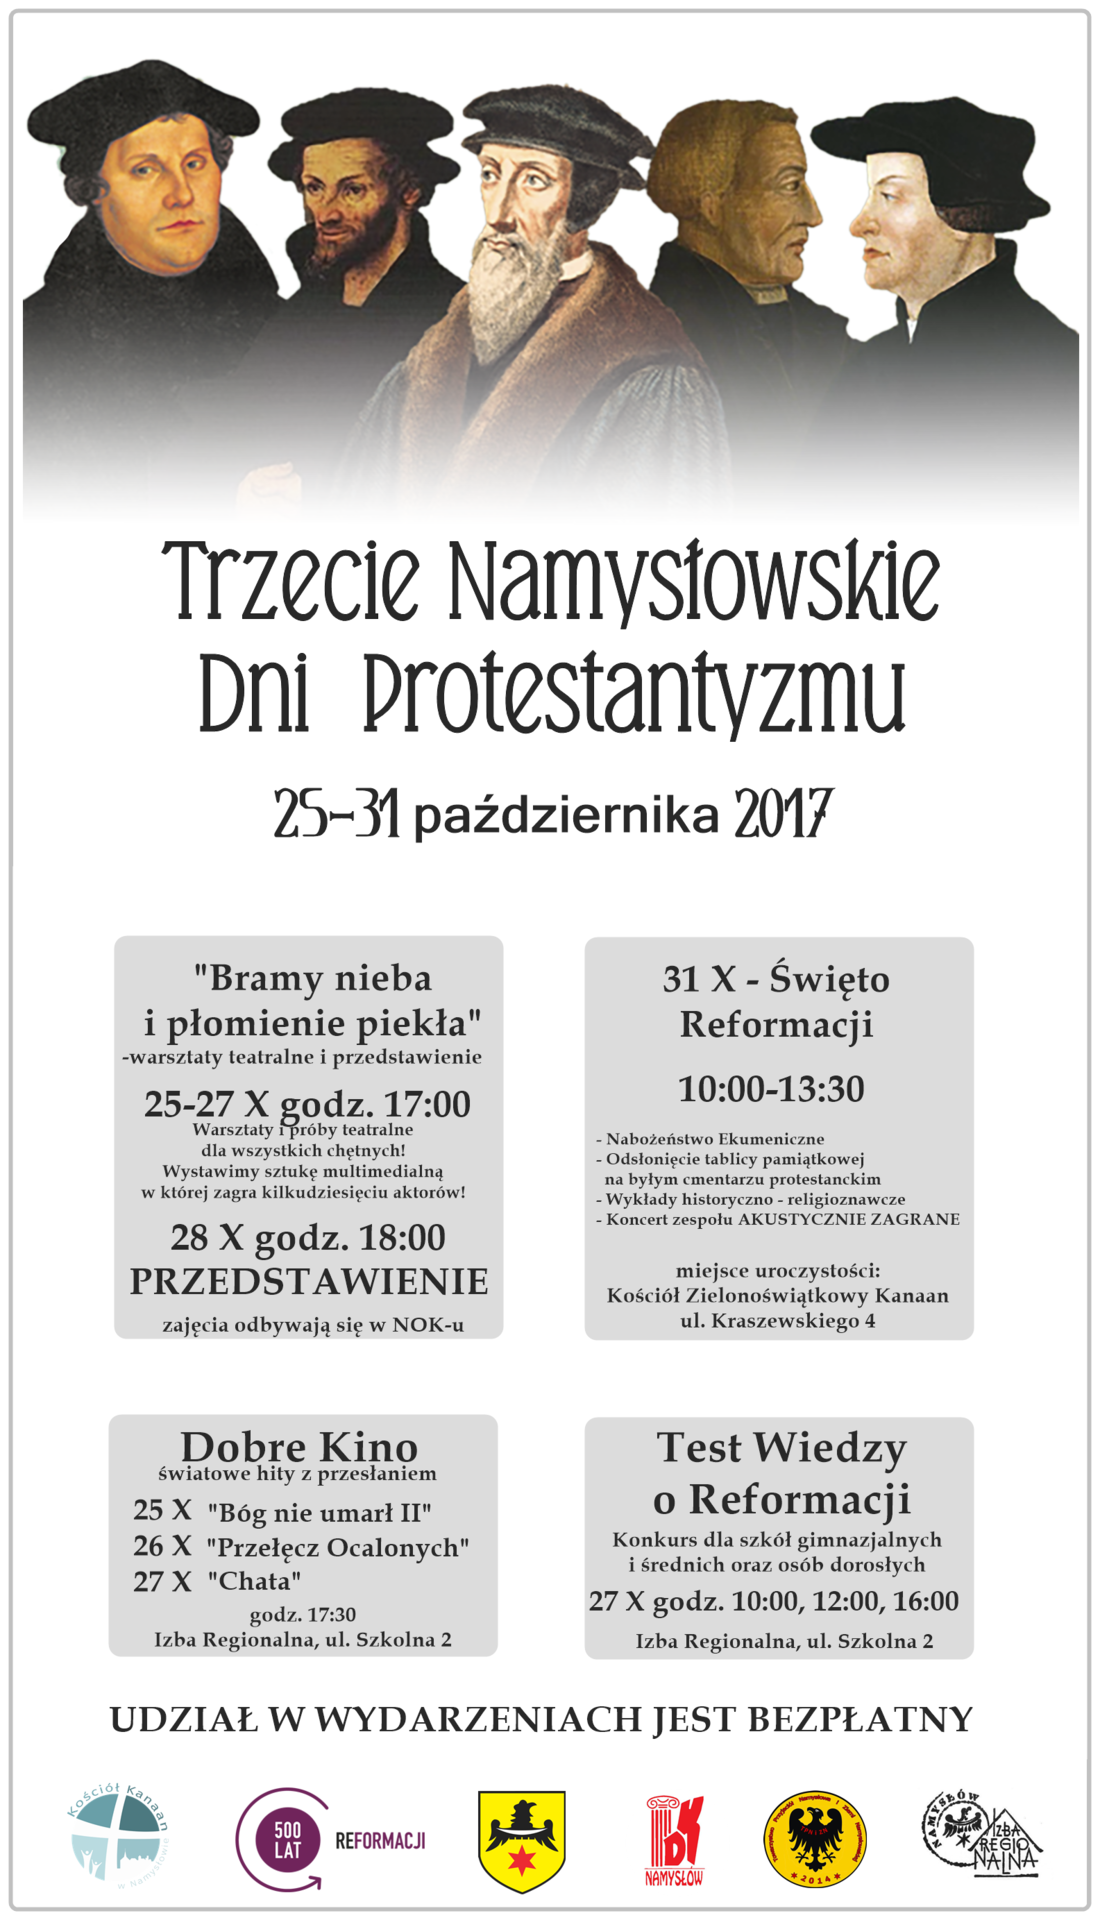 Dni Protestantyzmu.png